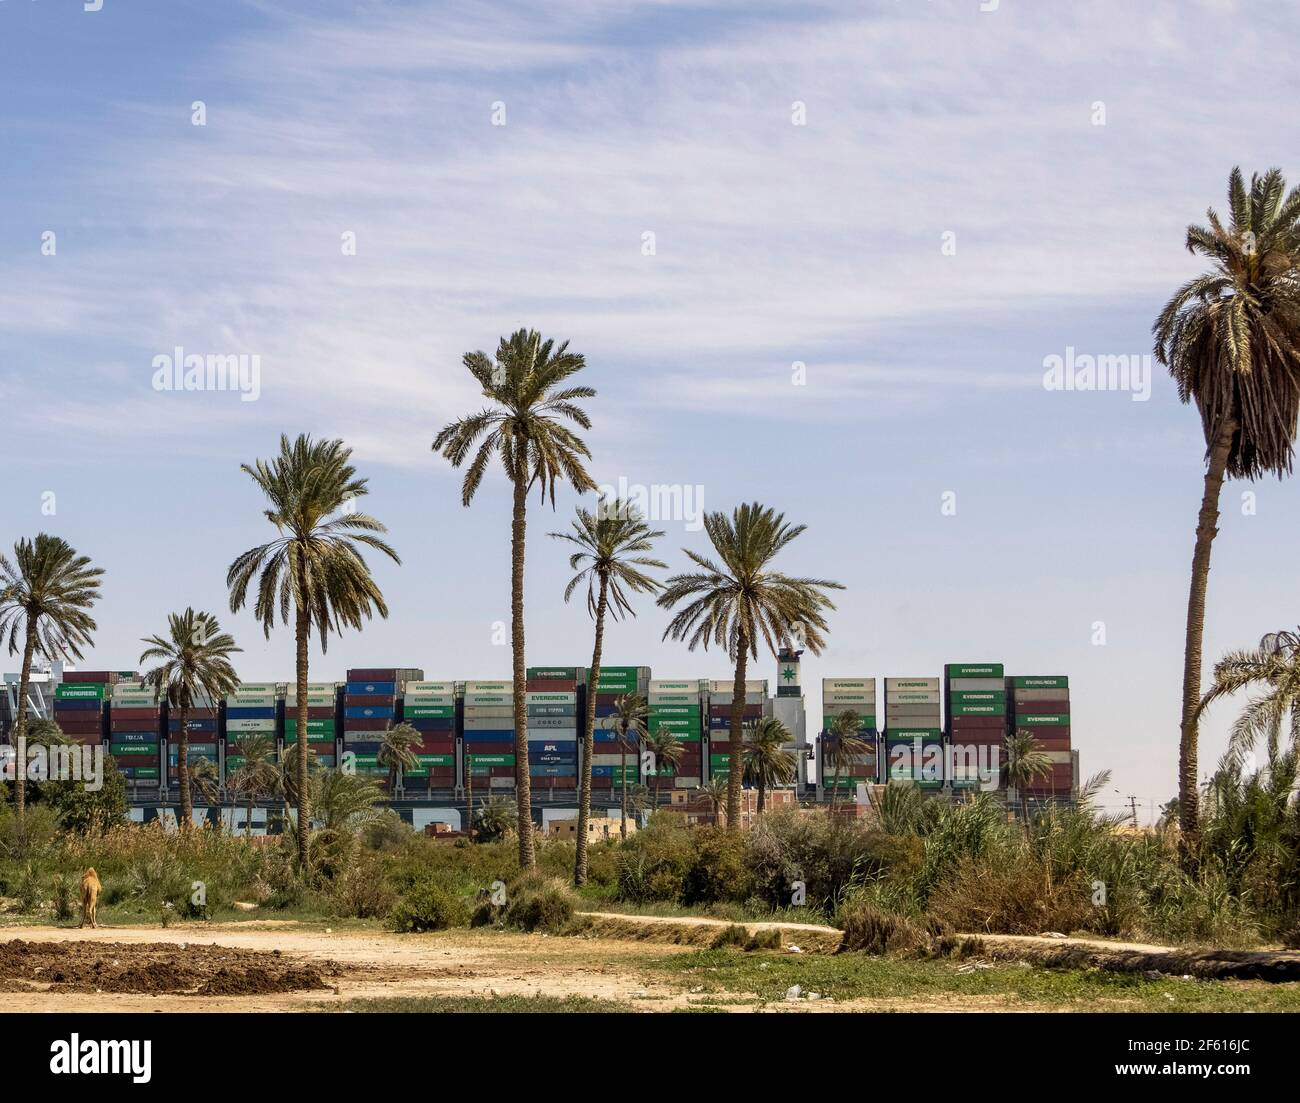 Manshiat al-Rahula Dorf, in der Nähe von Suez, Ägypten. März 2021, 29. Die Evergiven schweben schließlich parallel zum Suezkanal, während ein Kamel auf sie schaut. B. O'KANE/A Stockfoto